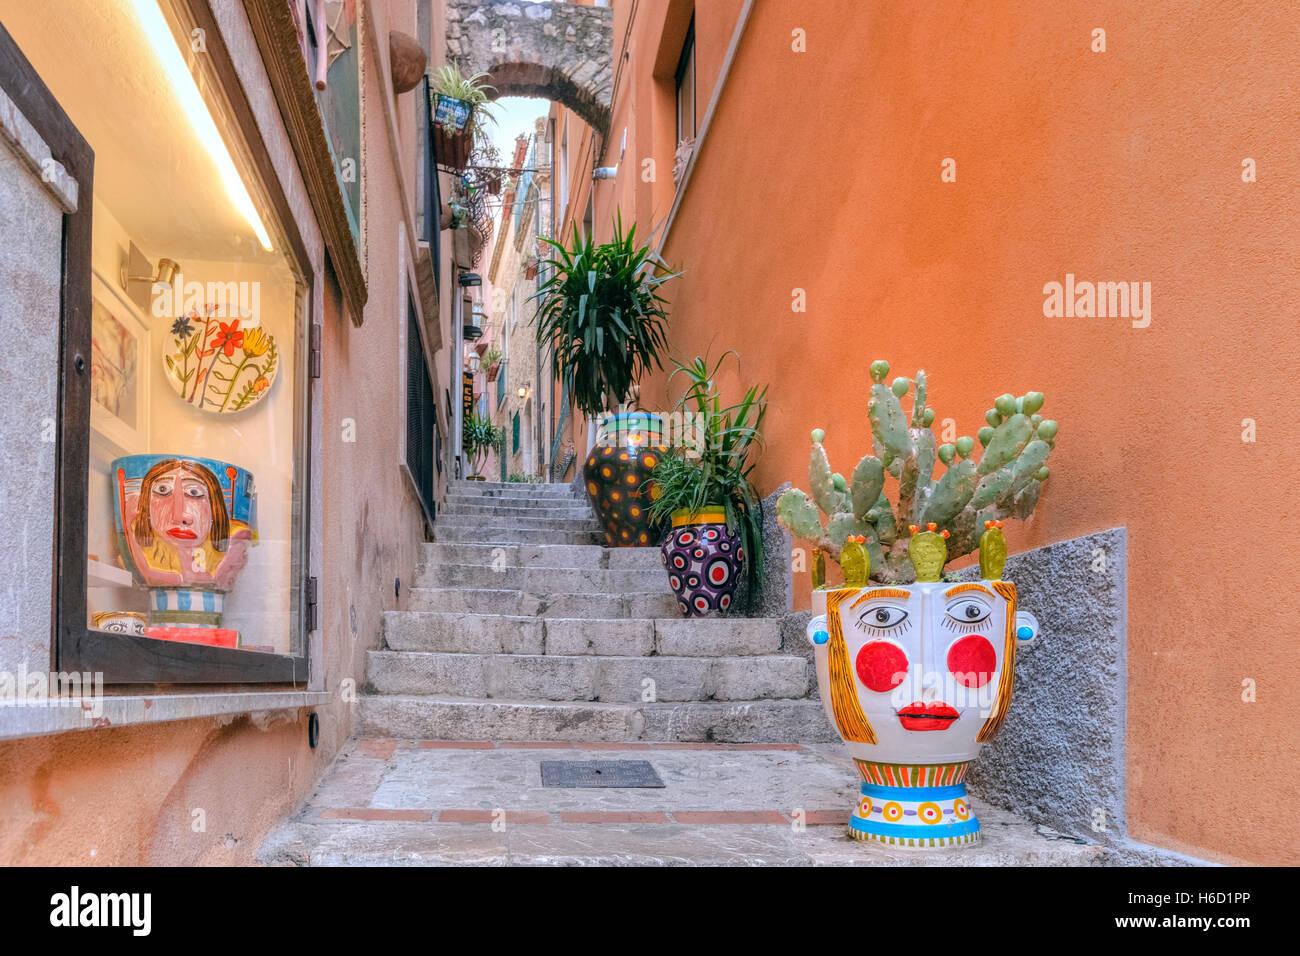 Taormina, Messina, Sicily, Italy - Stock Image